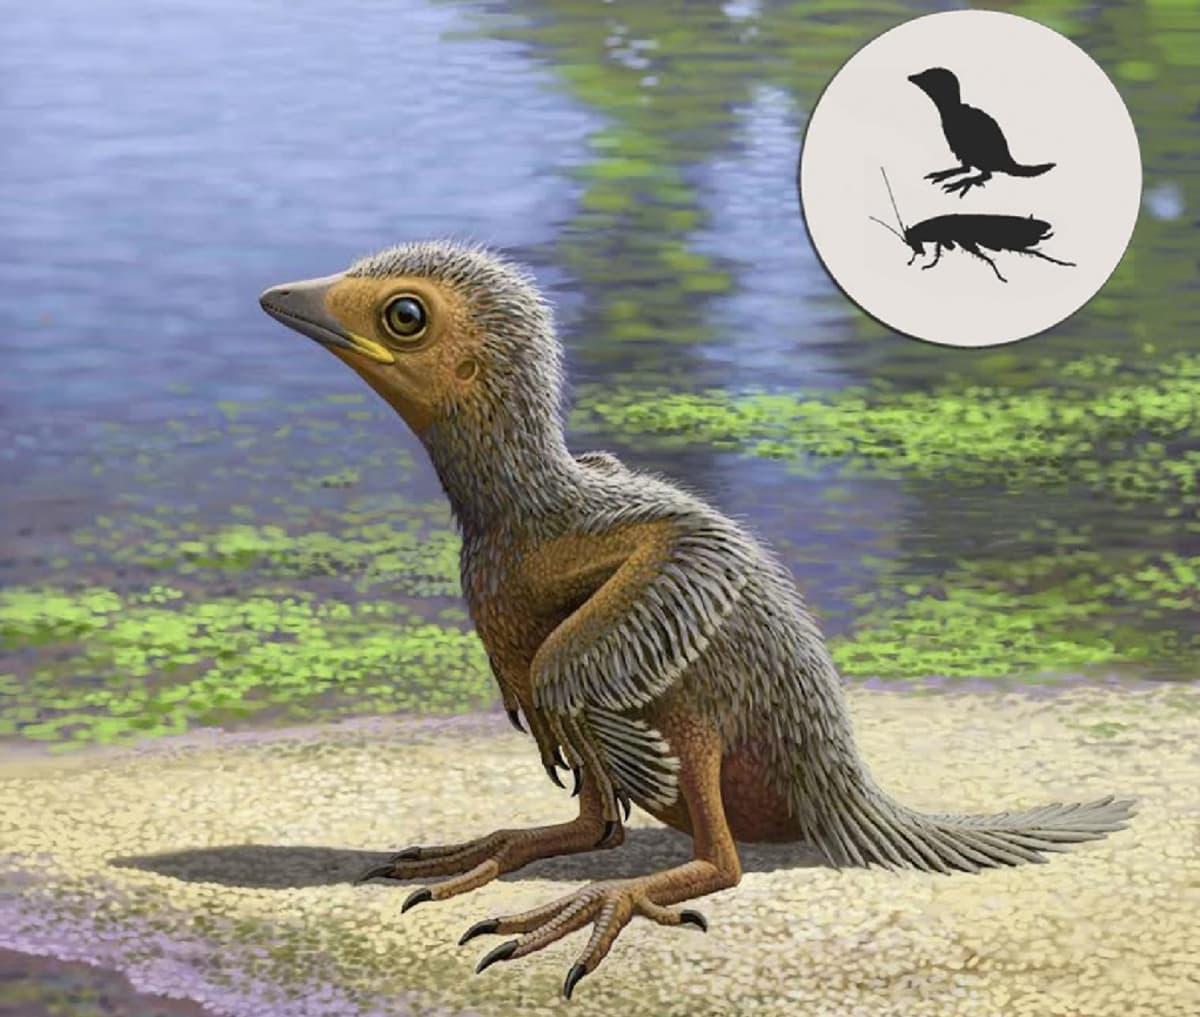 Piirroskuva linnunpoikasesta. Pienet silhuettikuvat vertaavat poikasen kokoa suureen hyönteiseen.